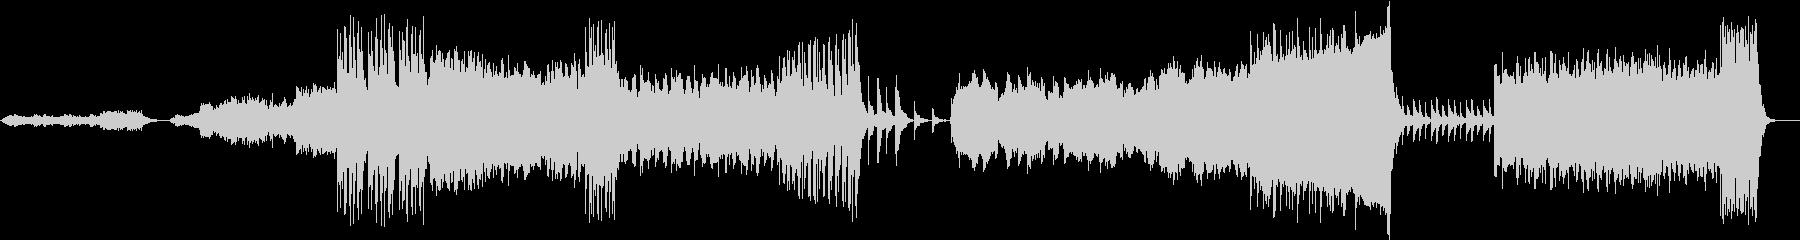 雄大な自然を管弦楽とコーラス系で表現の未再生の波形